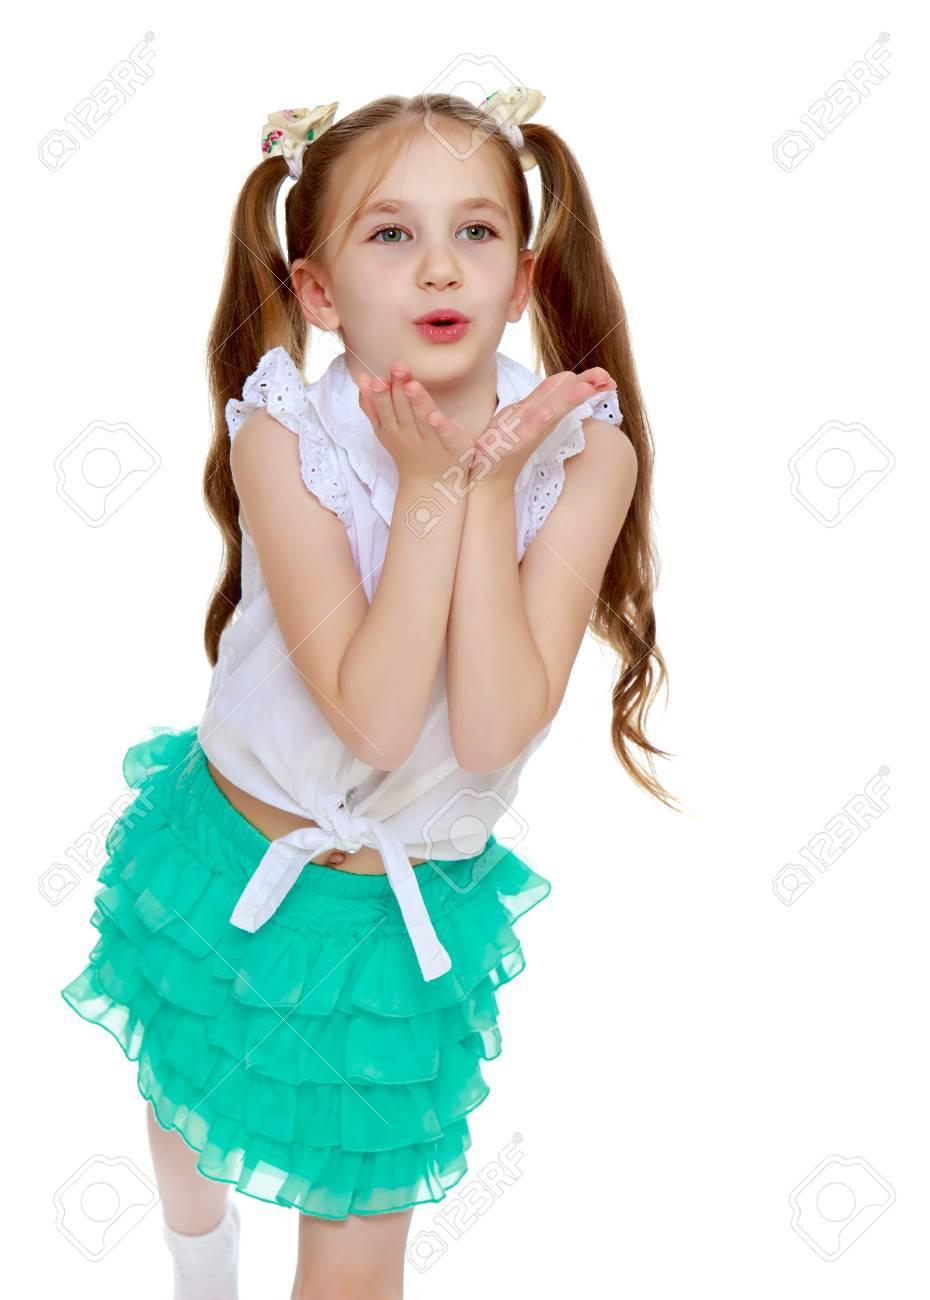 d2b8d4ef9 Niña alegre en una falda verde corta y camisa blanca sin inscripciones.  Largas colas en la cabeza en las que trenzaban cintas blancas. La chica ...